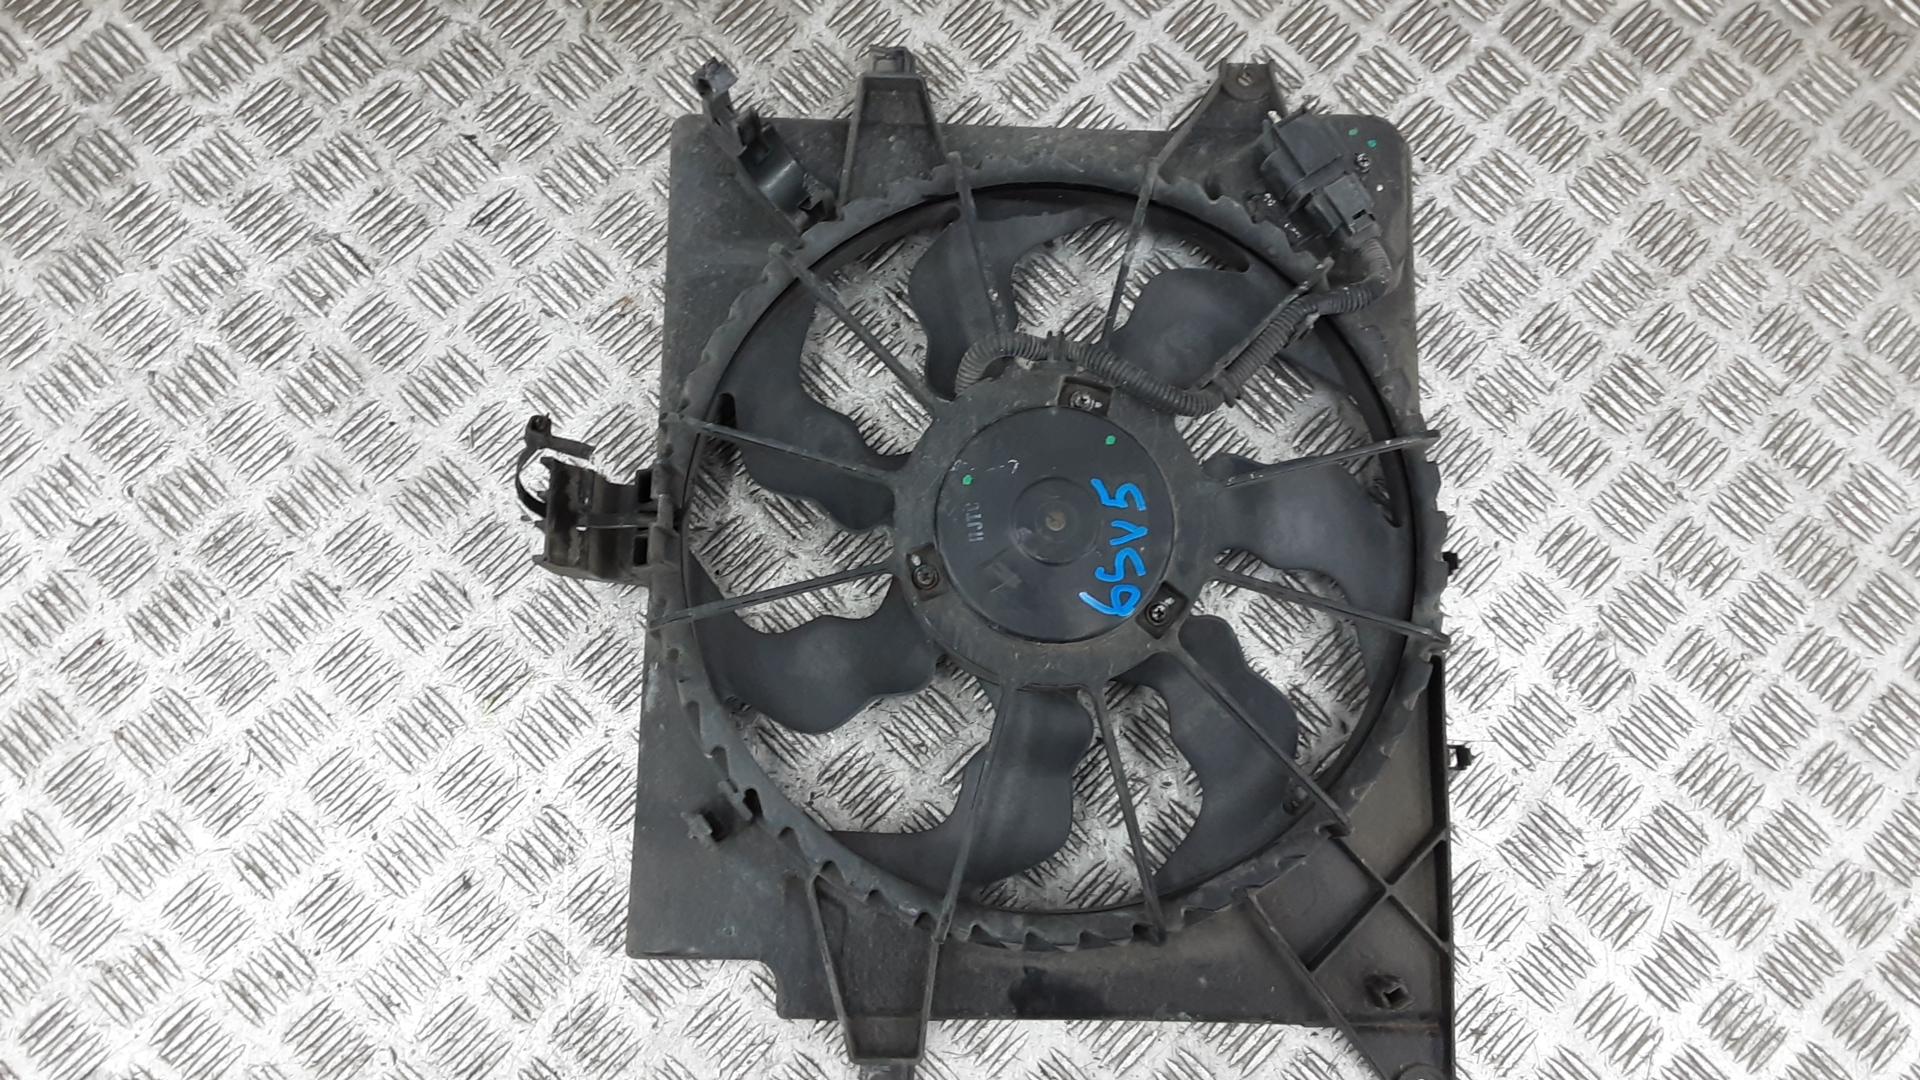 Вентилятор радиатора, KIA, CEE'D 2, 2012